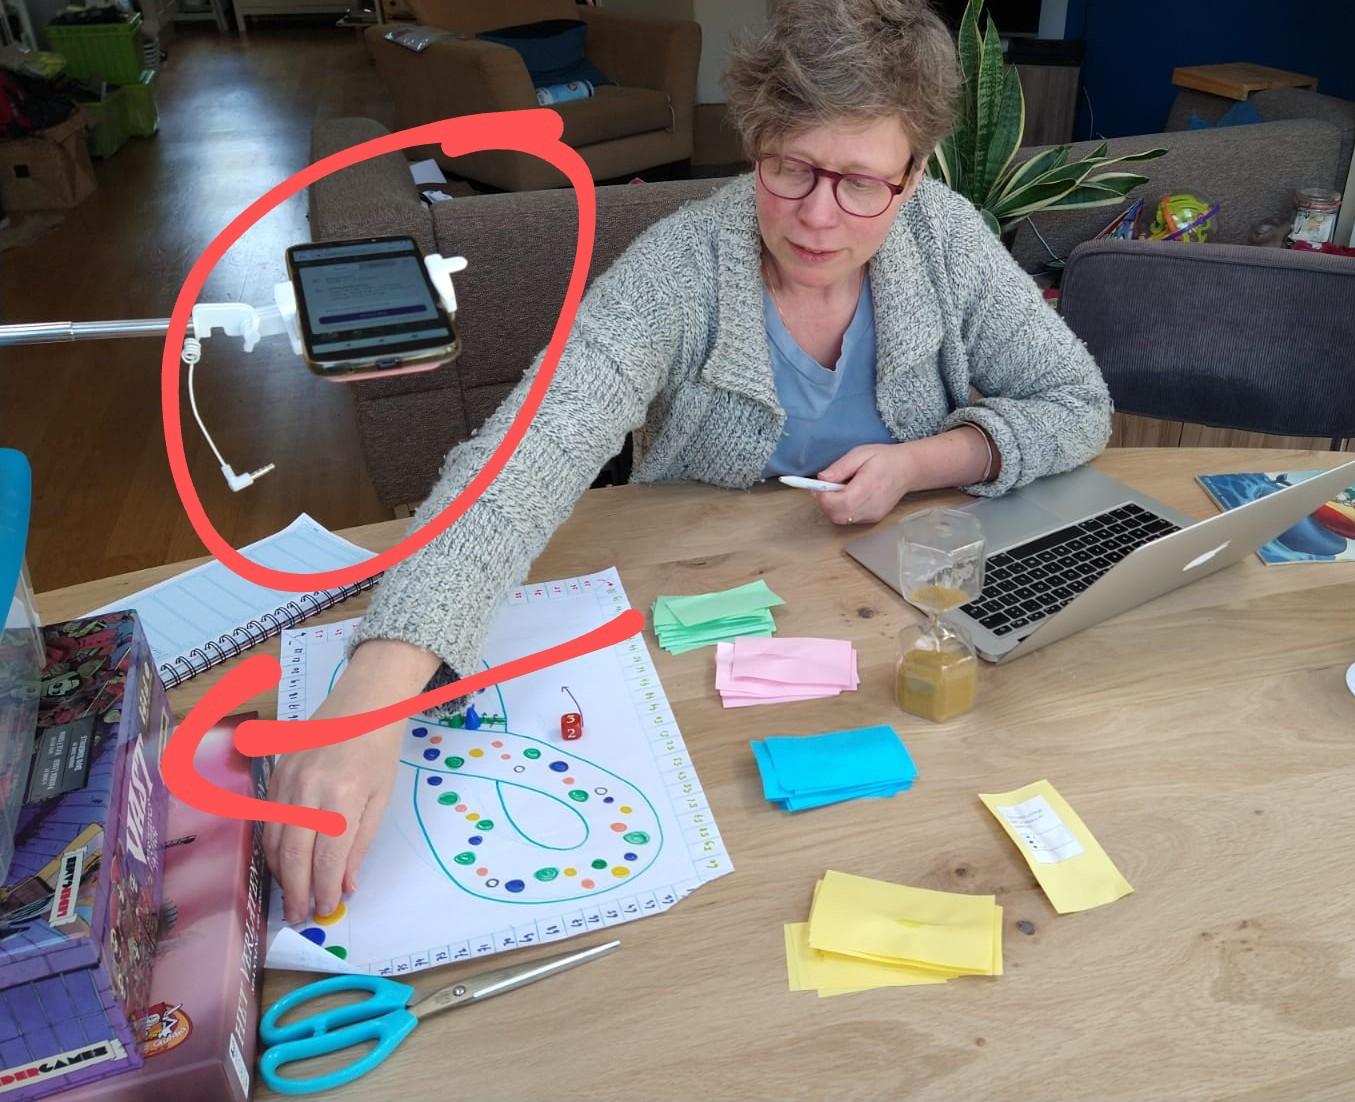 Constructie met stapel spellen, selfiestick, gewicht en mobiel op derde scherm....